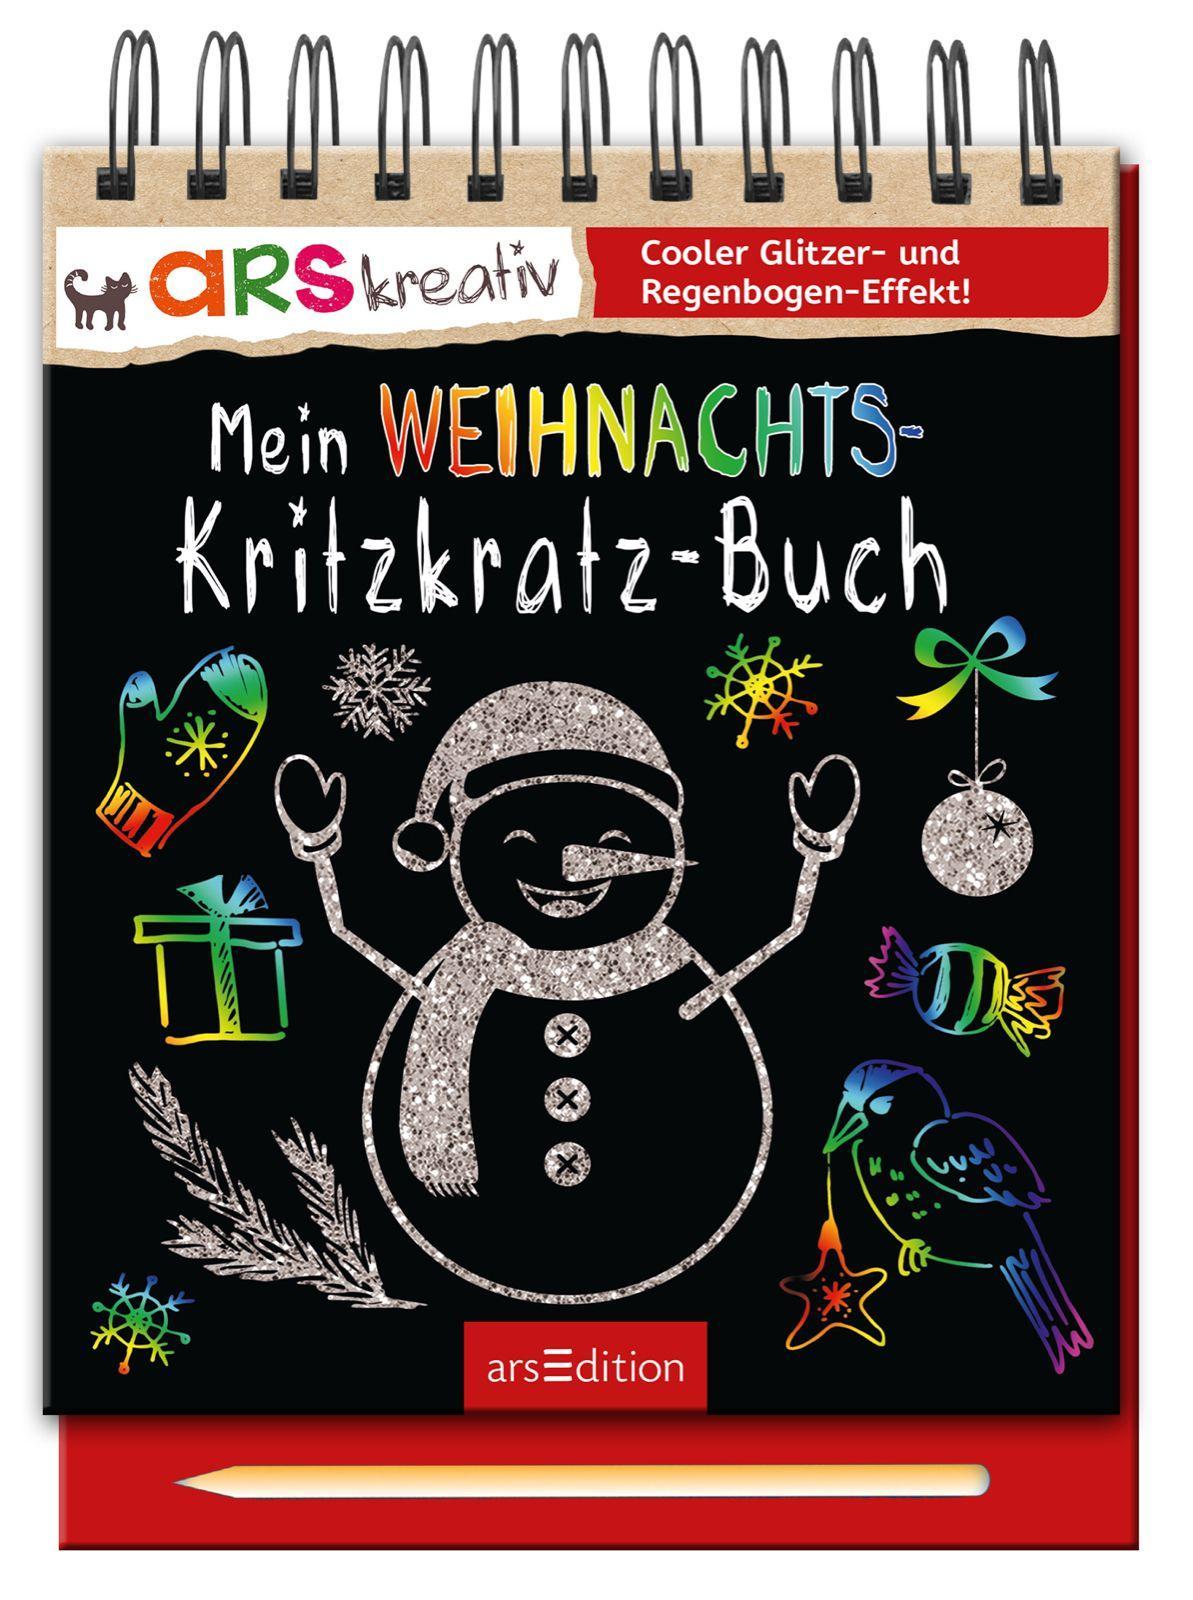 Mein-Weihnachts-Kritzkratz-Buch-Buch-Kritzkratz-Hardcover-mit-Holzstift-Deutsch